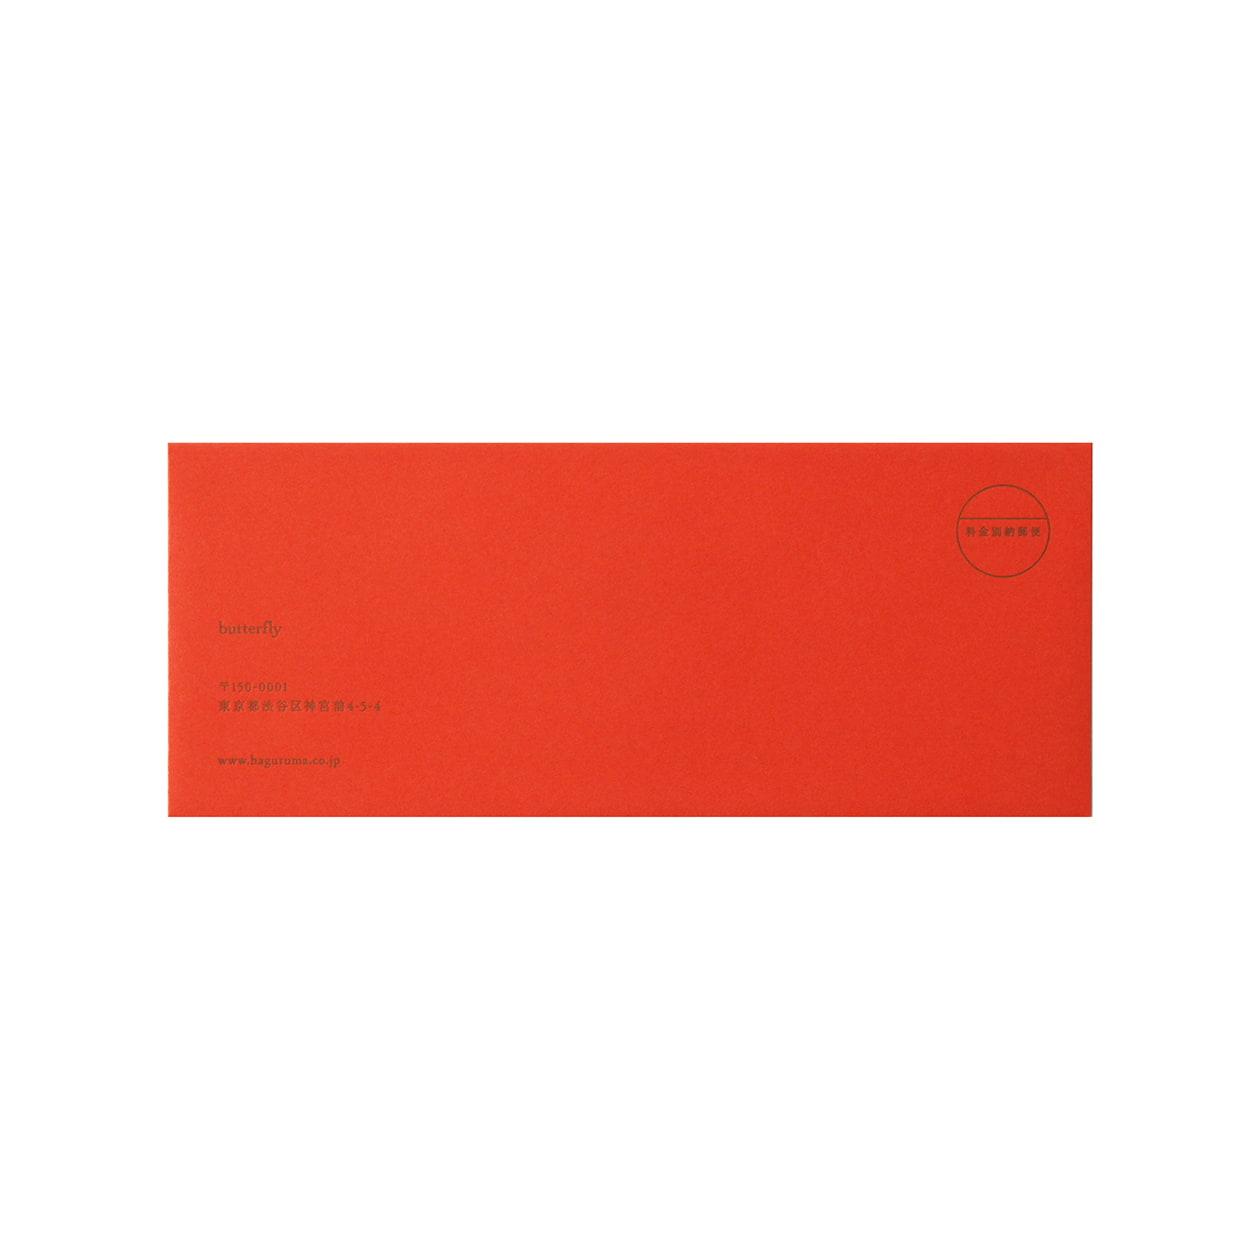 サンプル 封筒・袋 00009